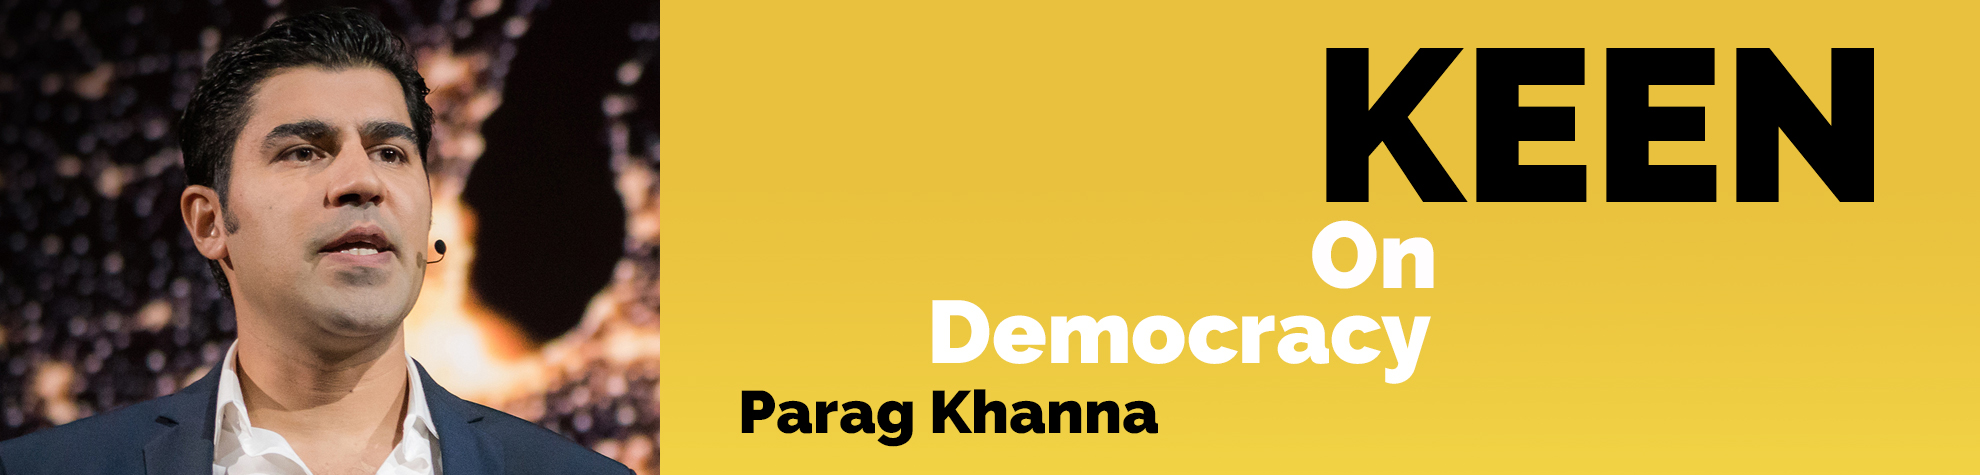 Parag Khanna.jpg